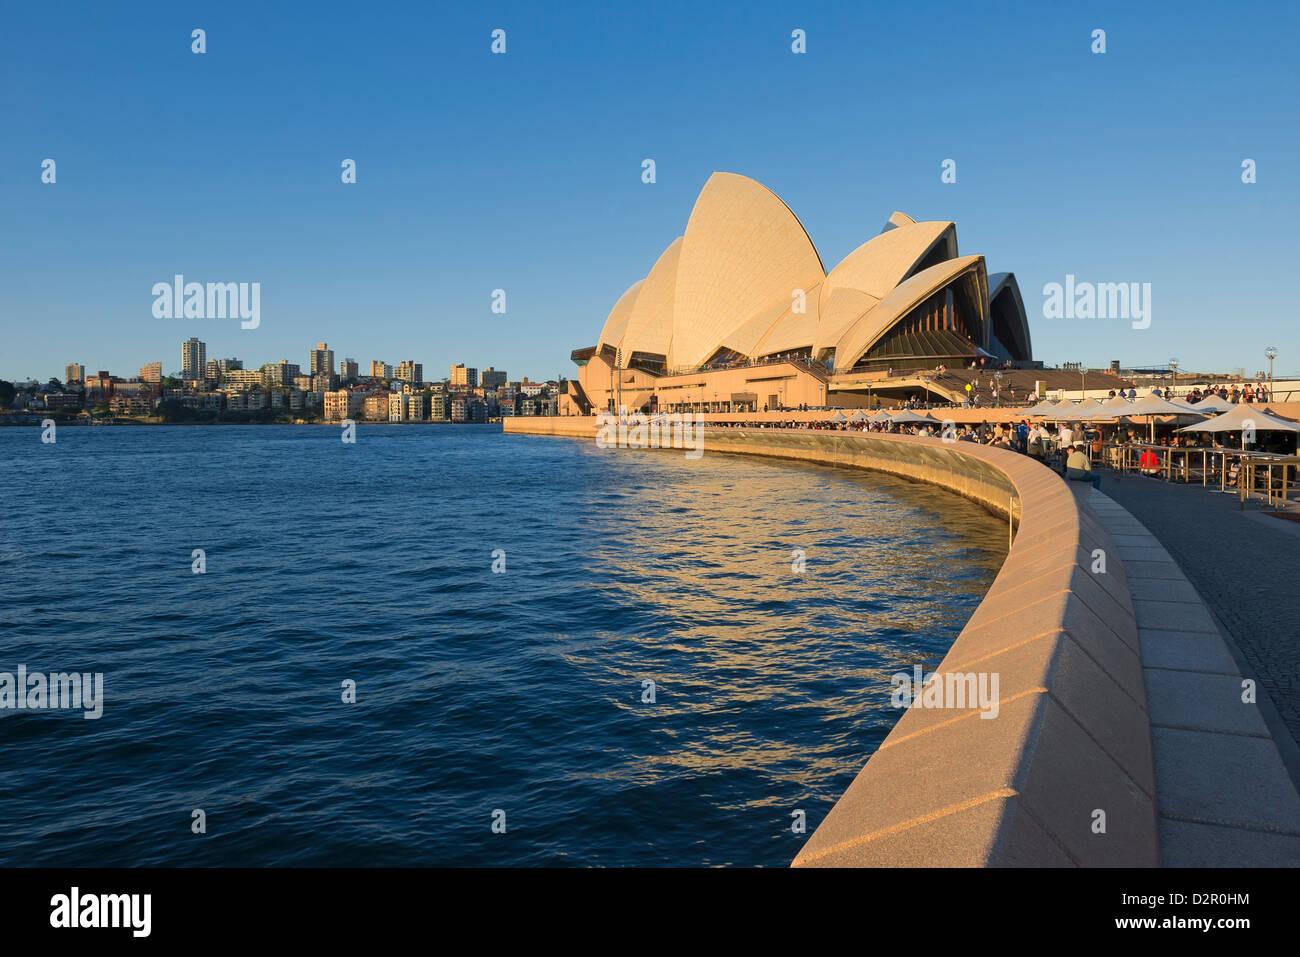 Maison de l'opéra, UNESCO World Heritage Site, Sydney, New South Wales, Australie, Pacifique Photo Stock